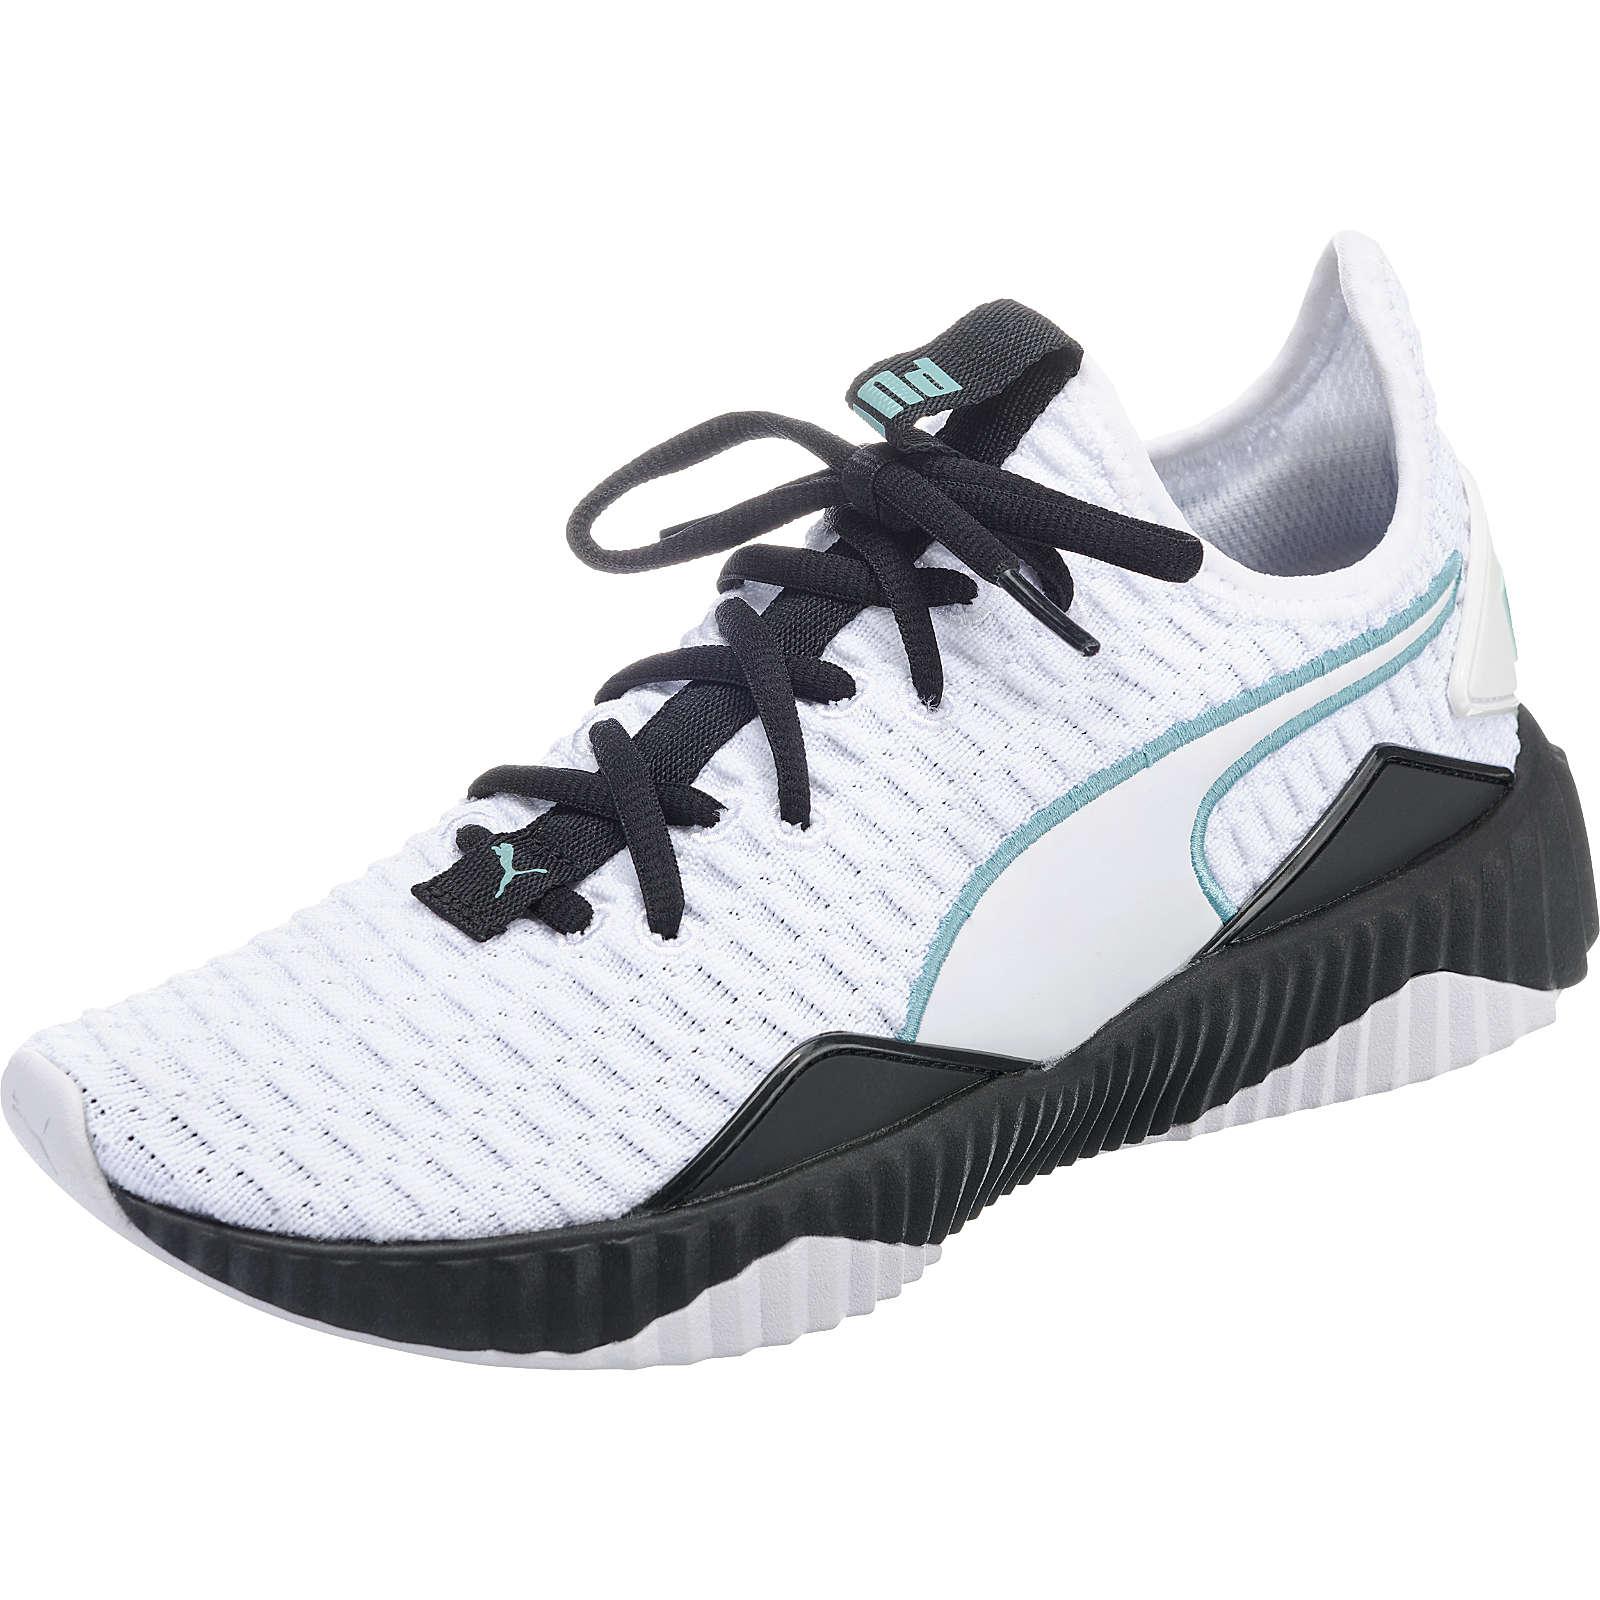 PUMA Defy Sneakers Low weiß-kombi Damen Gr. 40